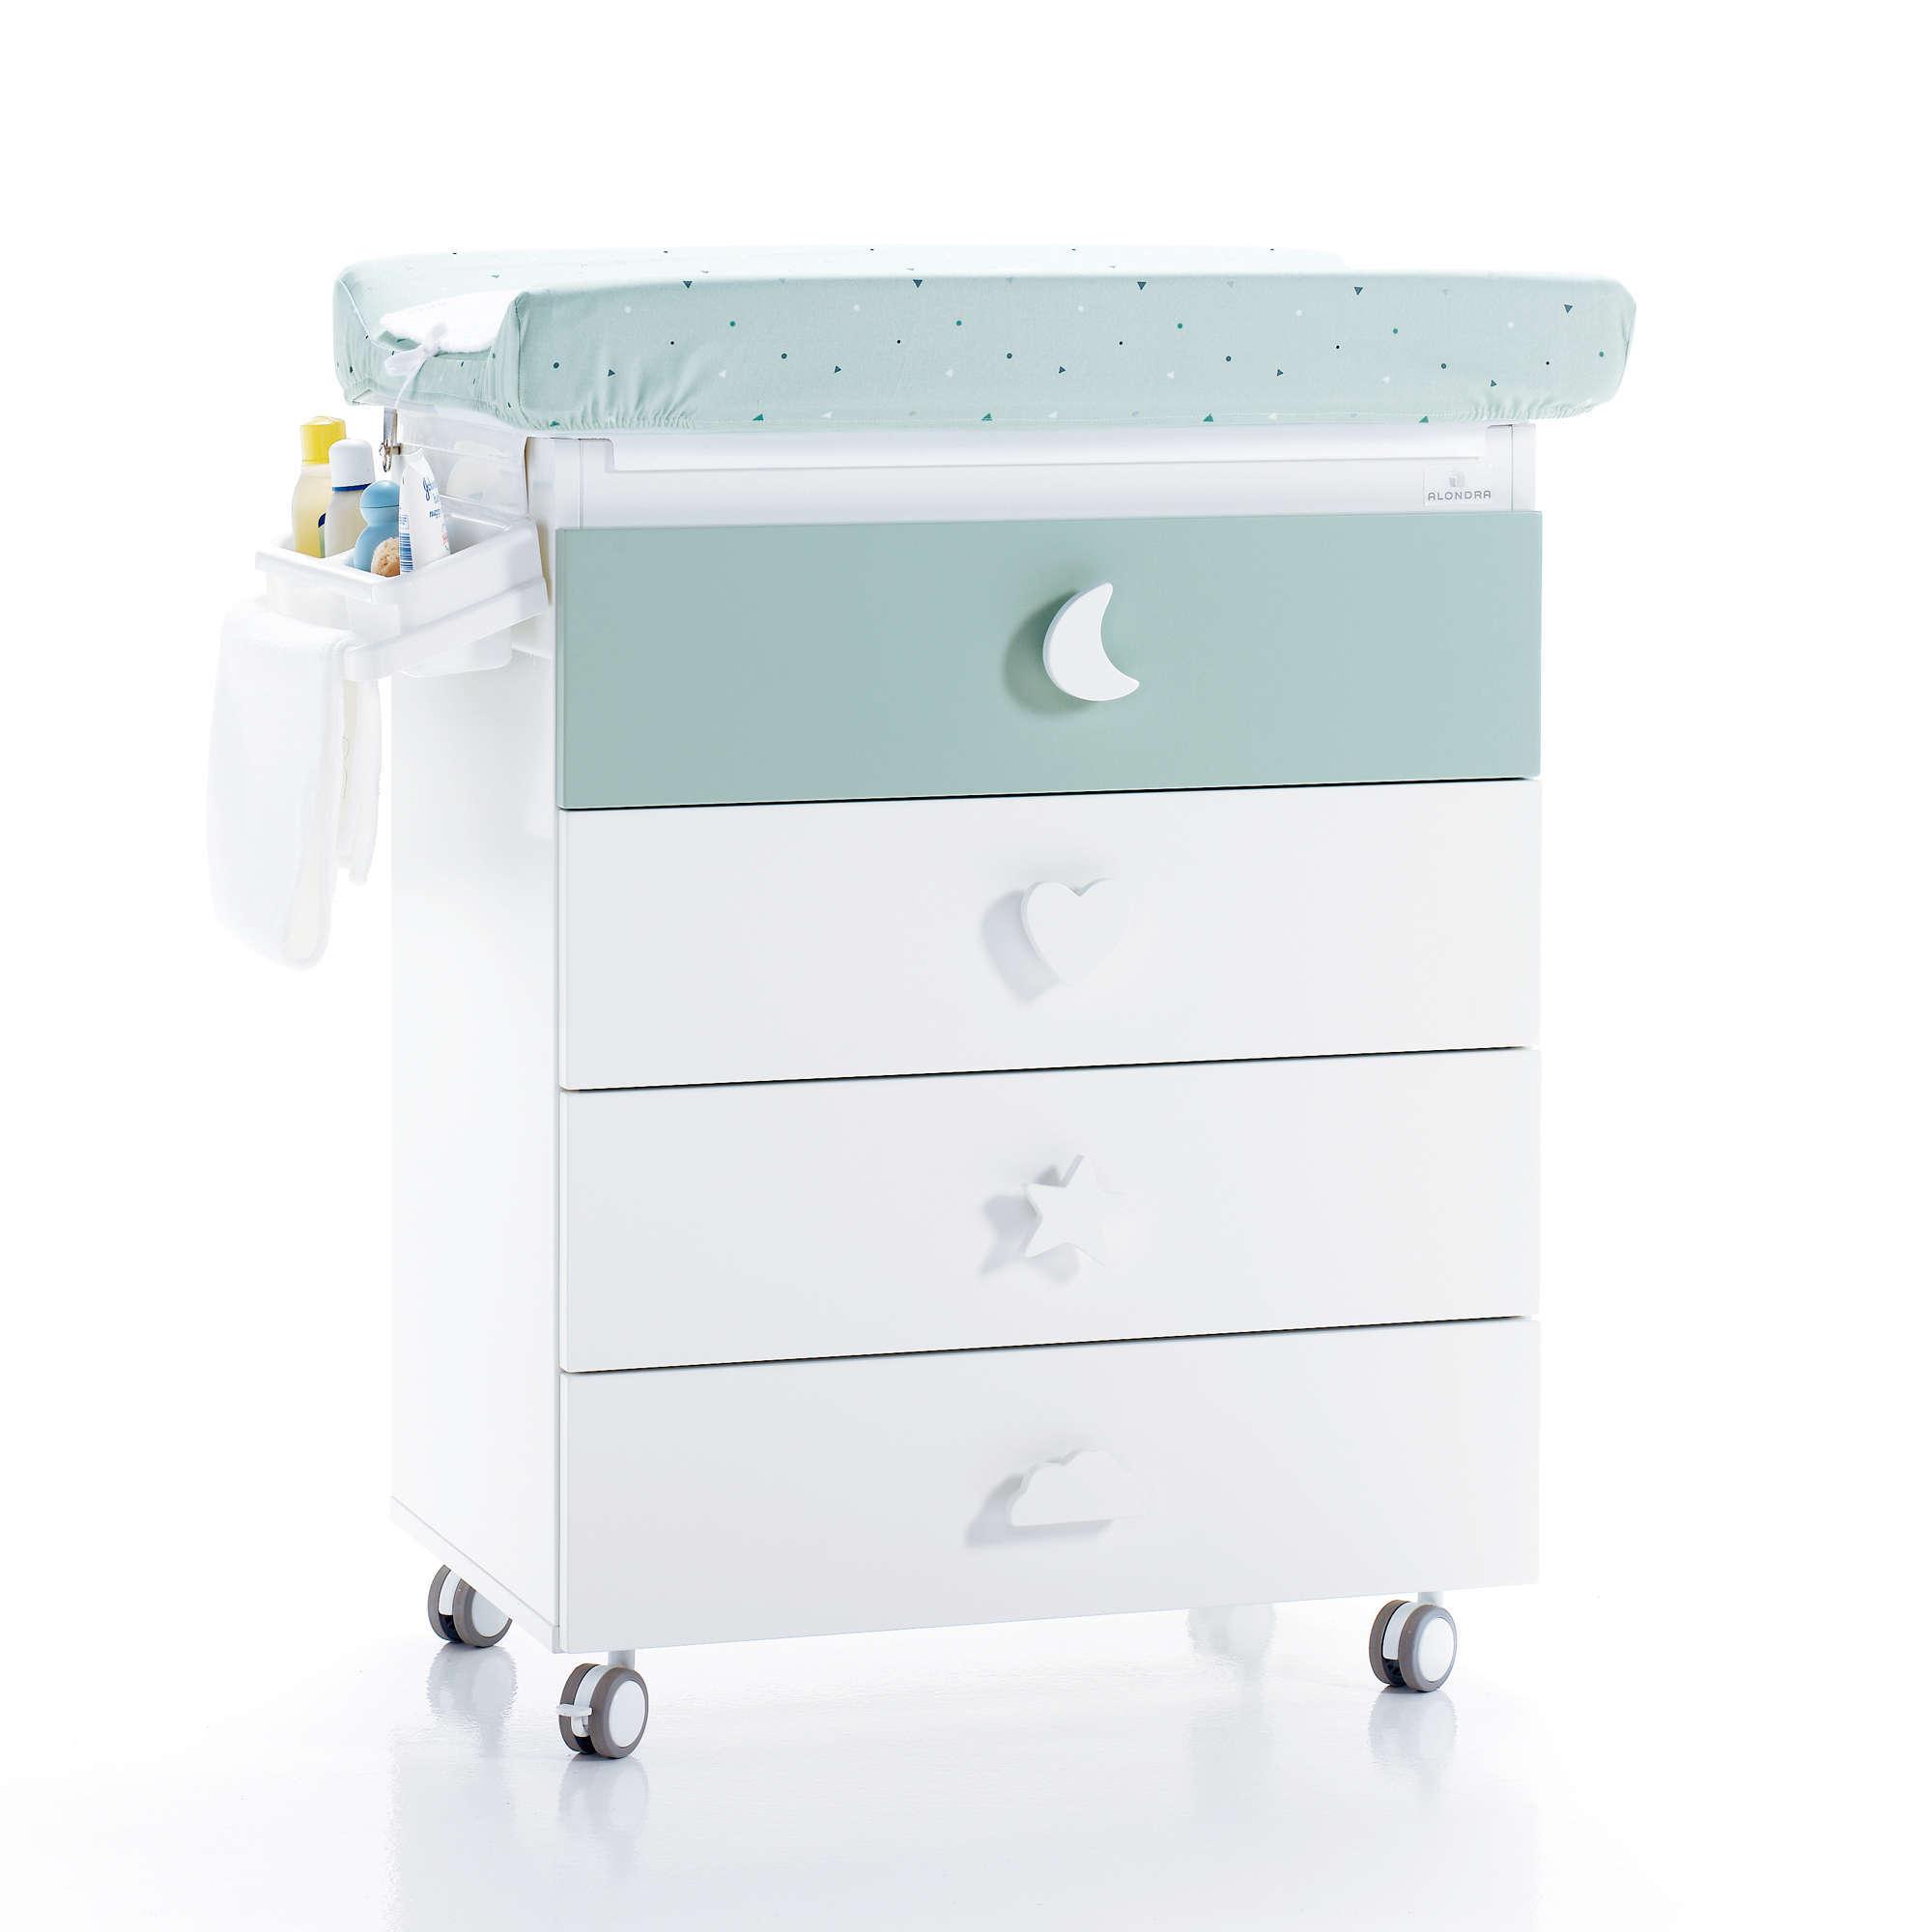 Mueble bañera cambiador para bebé con pomos de estrella